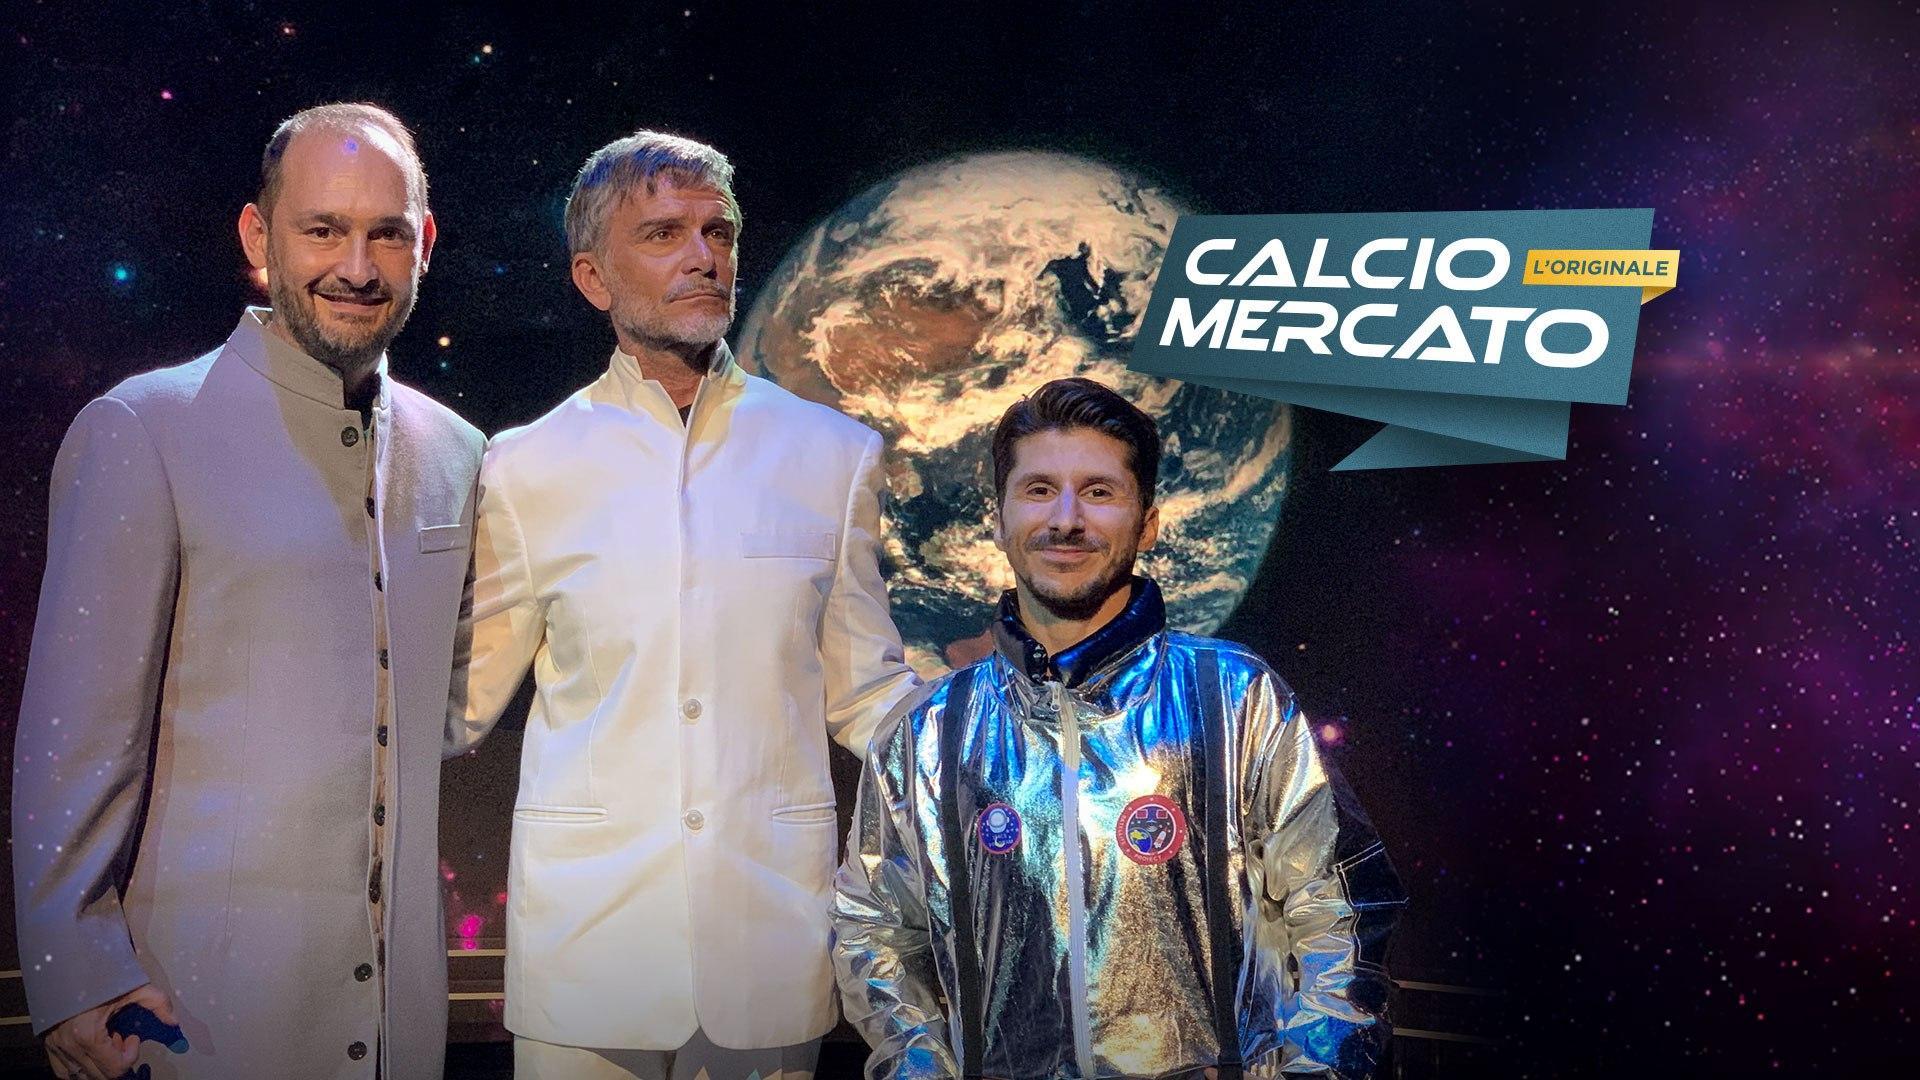 Sky Sport, al via la 17esima edizione di CalcioMercato - L'originale